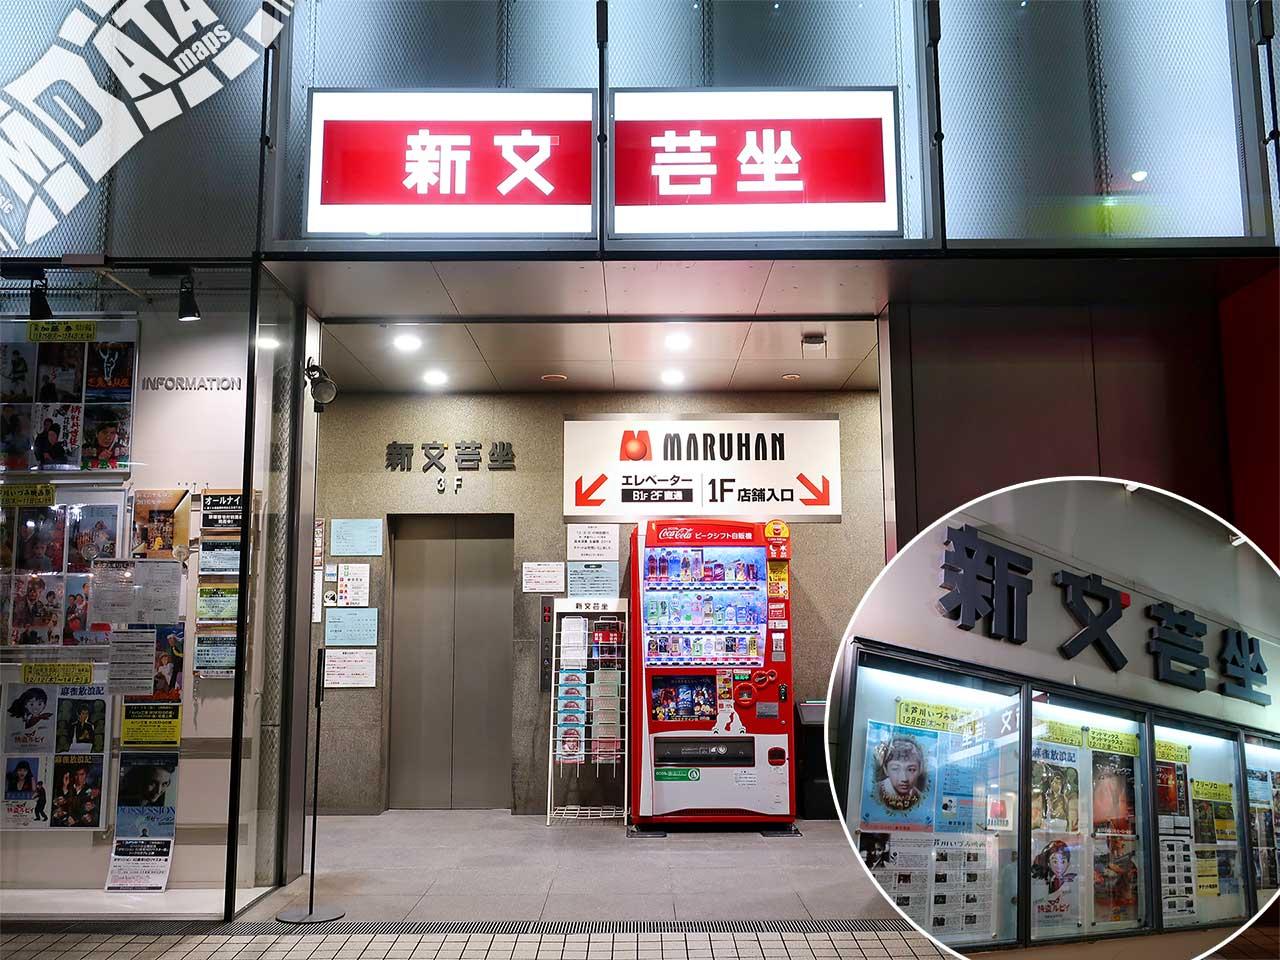 新文芸坐の写真 撮影日:2019/12/10 Photo taken on 2019/12/10